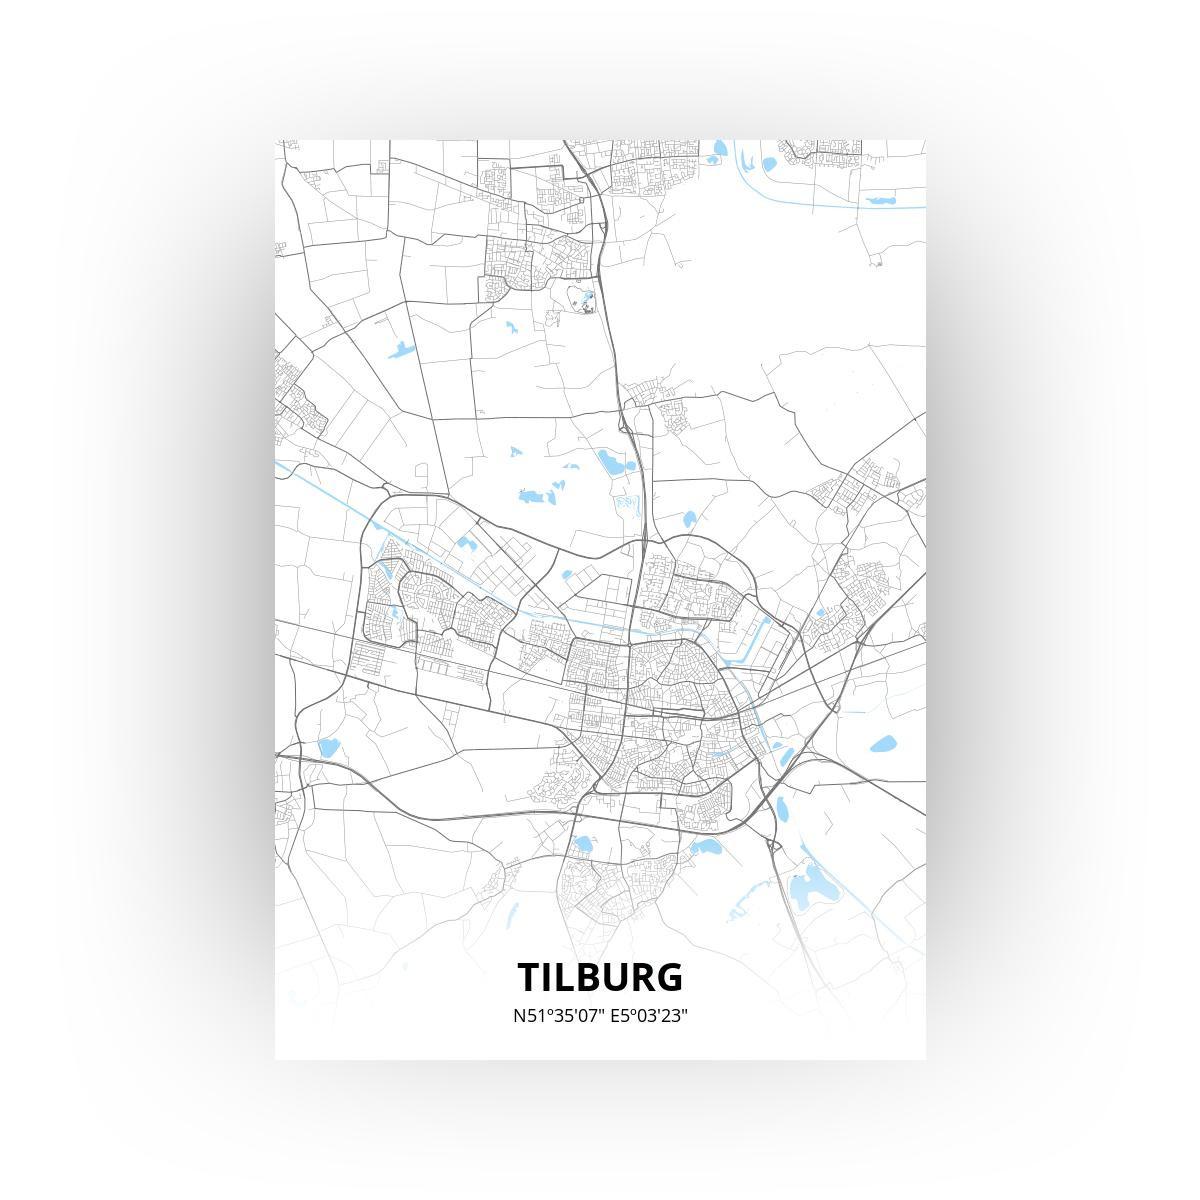 Tilburg poster - Zelf aan te passen!